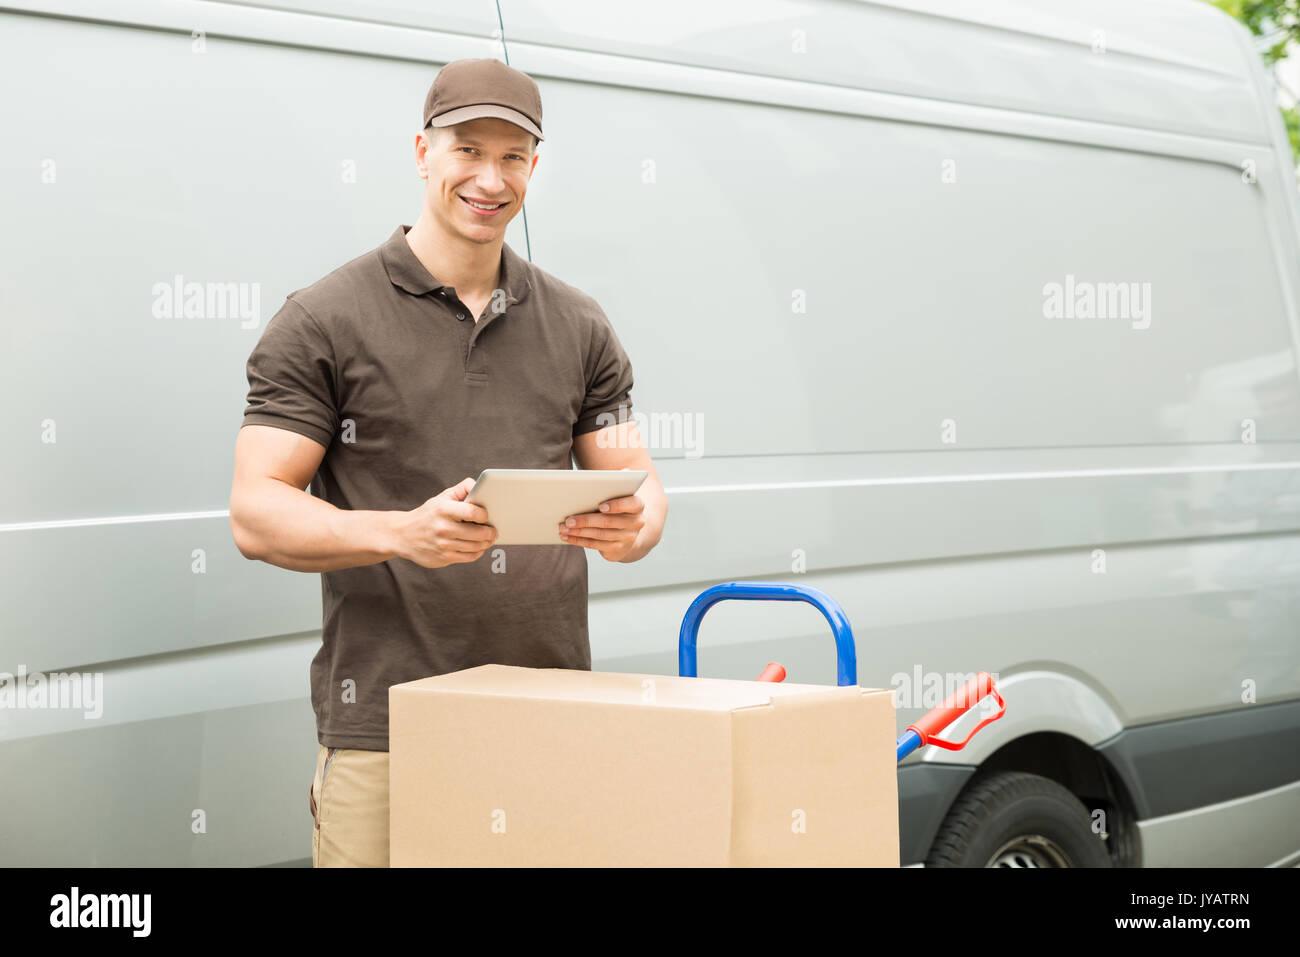 Les jeunes professionnels Delivery Man with Digital Tablet et boîtes de carton Photo Stock